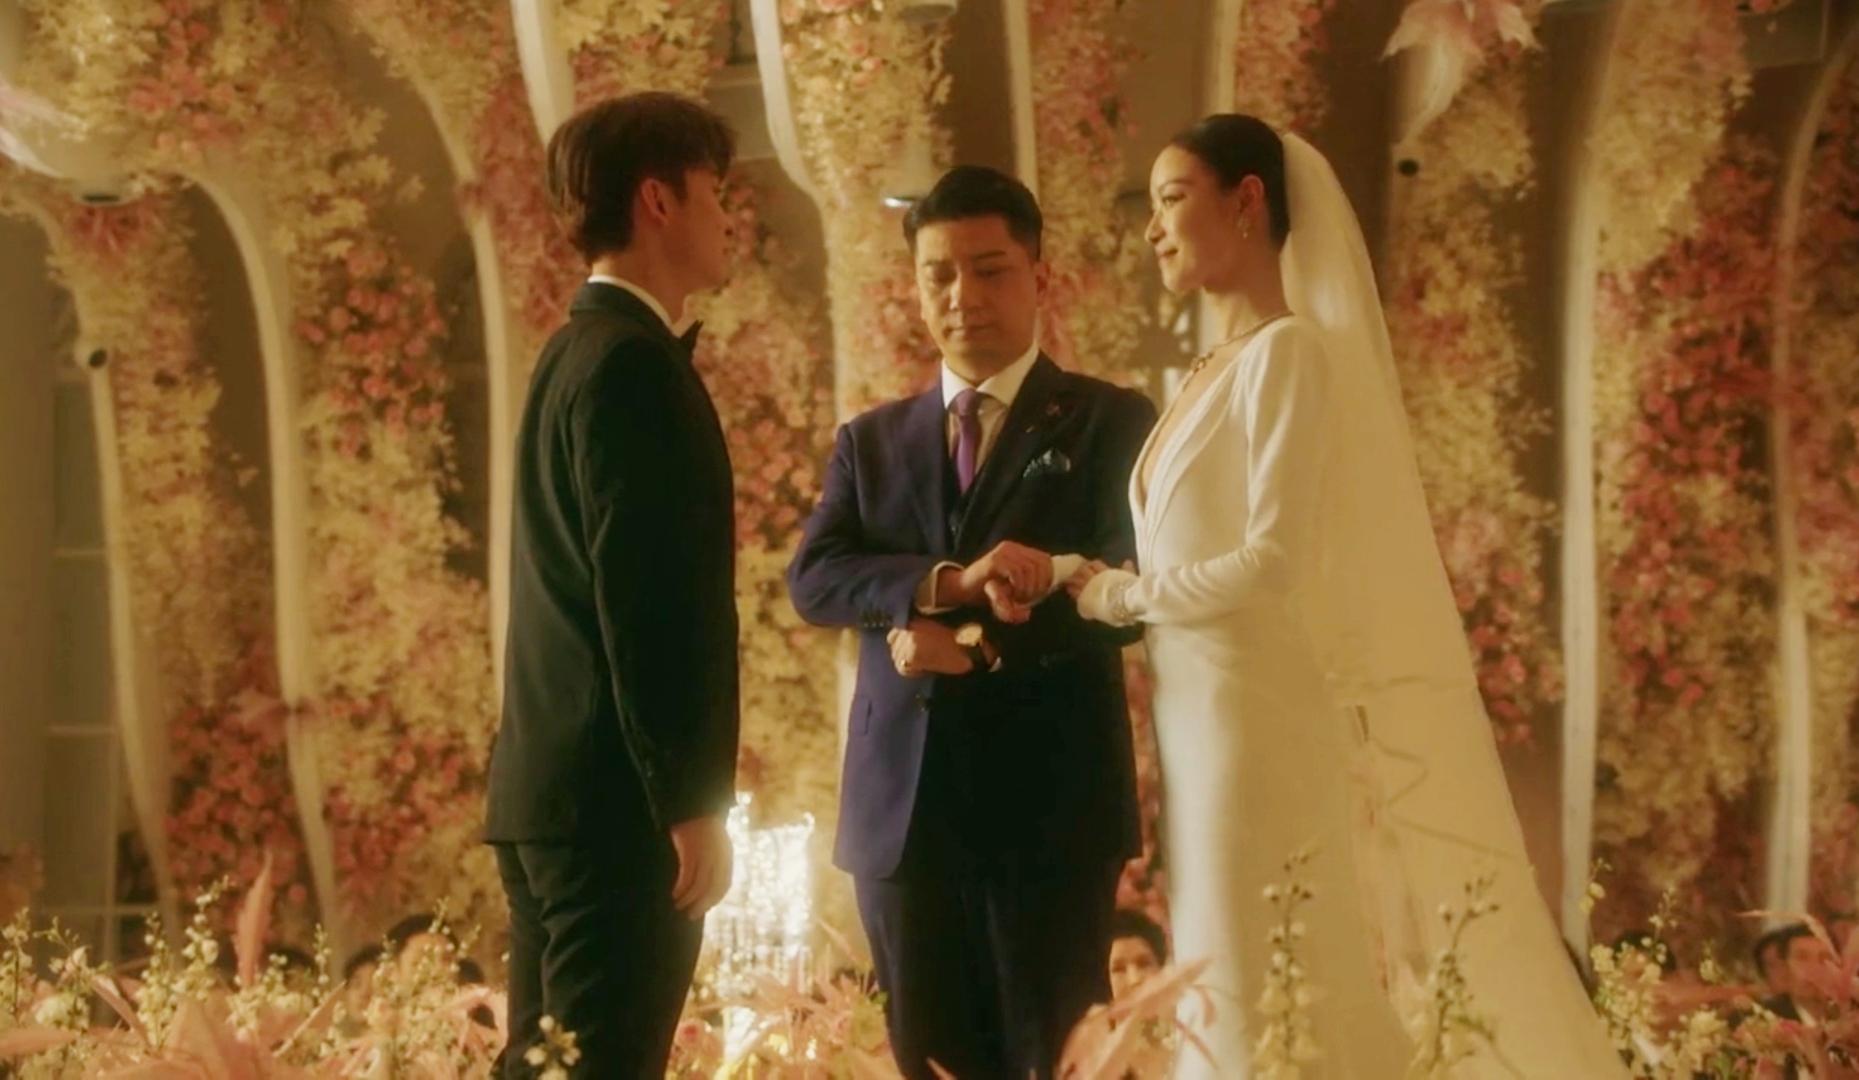 朱锁锁婚后怀孕,谢佳茵还是不认这个儿媳妇,谢宏祖有心无力